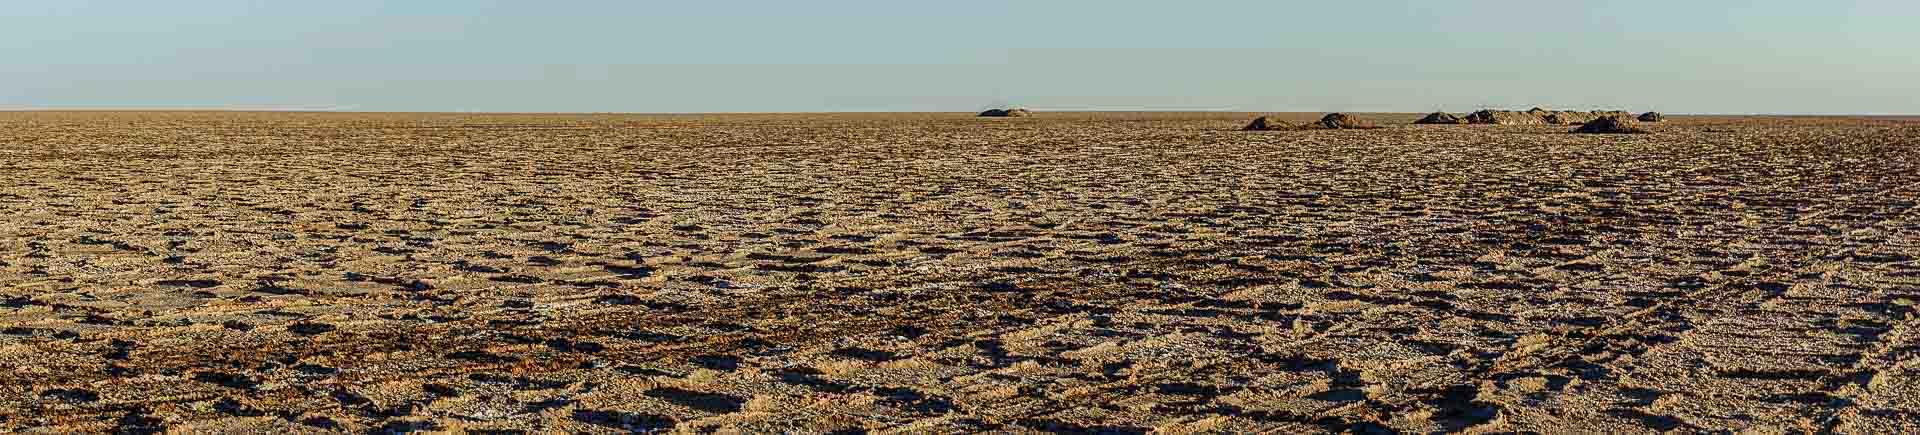 Maranjab Desert Salt Lake